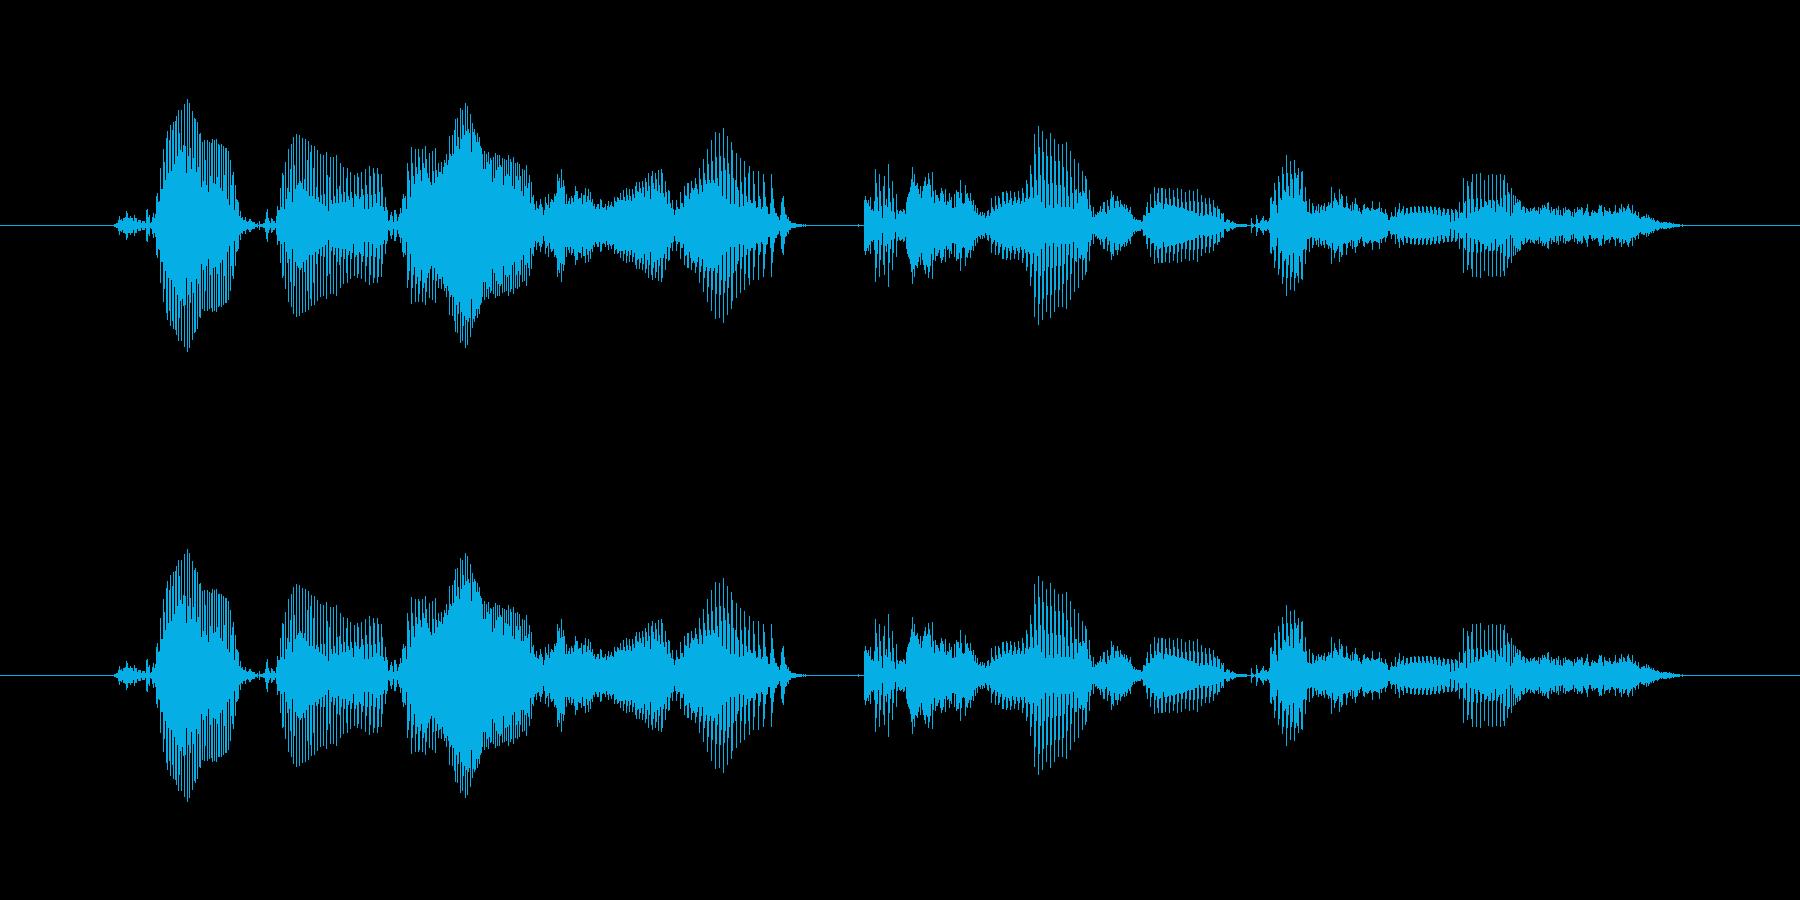 【時報・時間】午後0時を、お知らせいた…の再生済みの波形